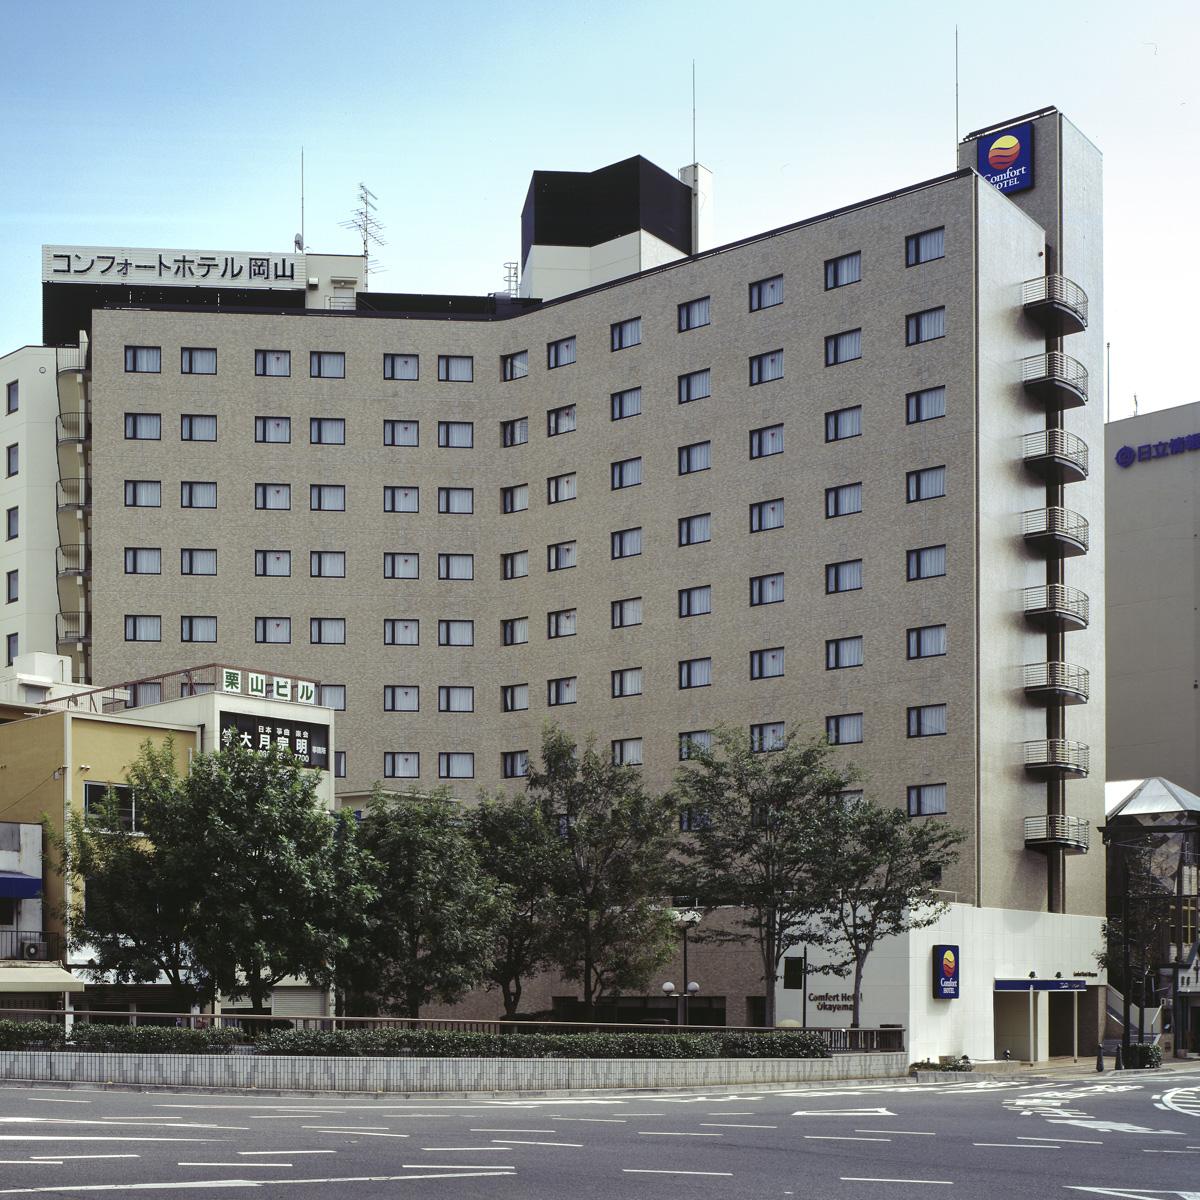 コンフォート ホテル 岡山◆楽天トラベル